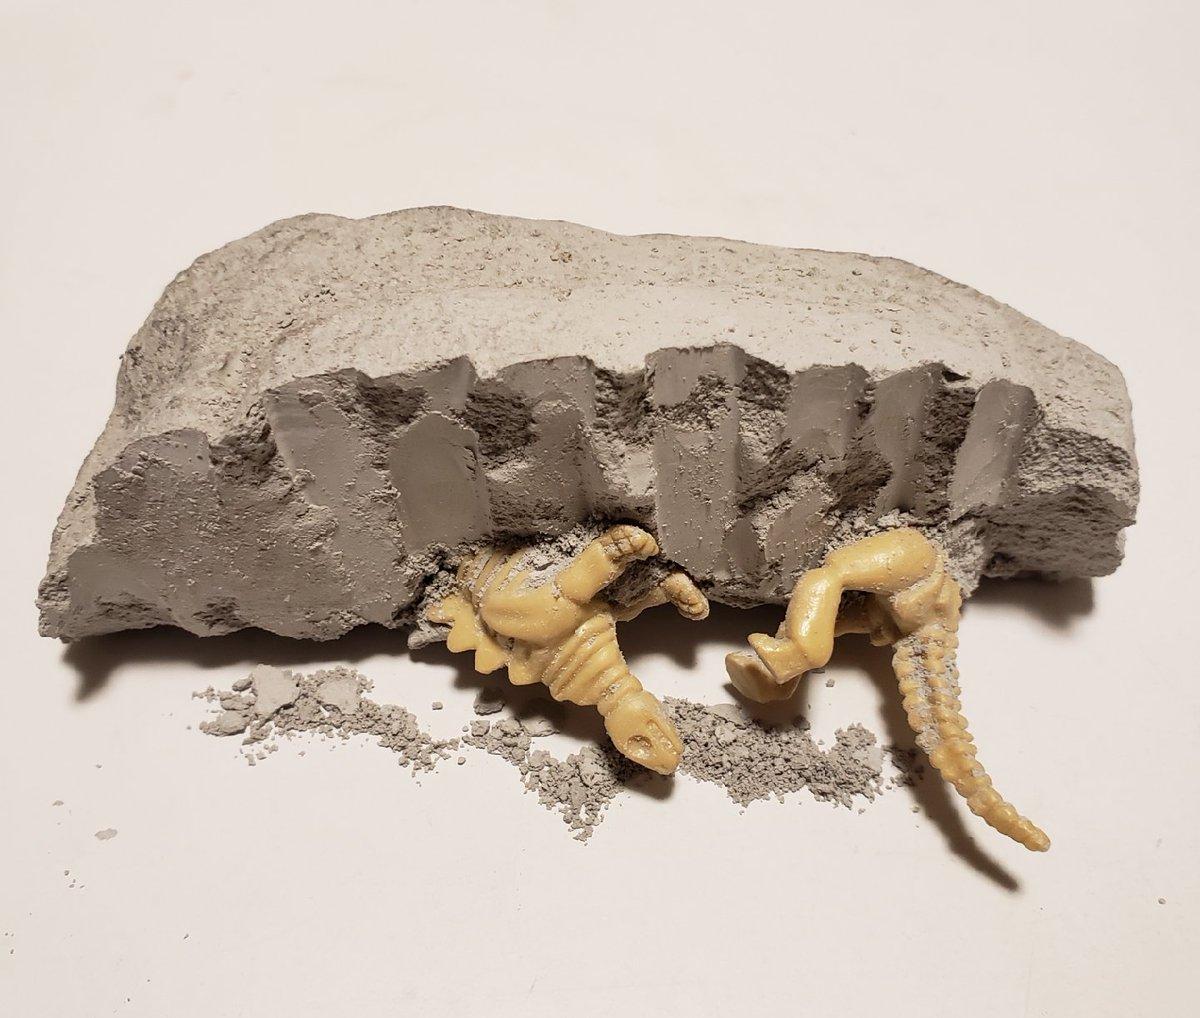 test ツイッターメディア - 発掘♪  ¥108で楽しめた!笑 #トリケラトプス と #ステゴザウルス 発掘。 ホンモノの化石発掘した事、あるけど、これはこれで楽しかったー  #ダイソー #恐竜 #化石 #発掘 https://t.co/zSz1BJCl8p